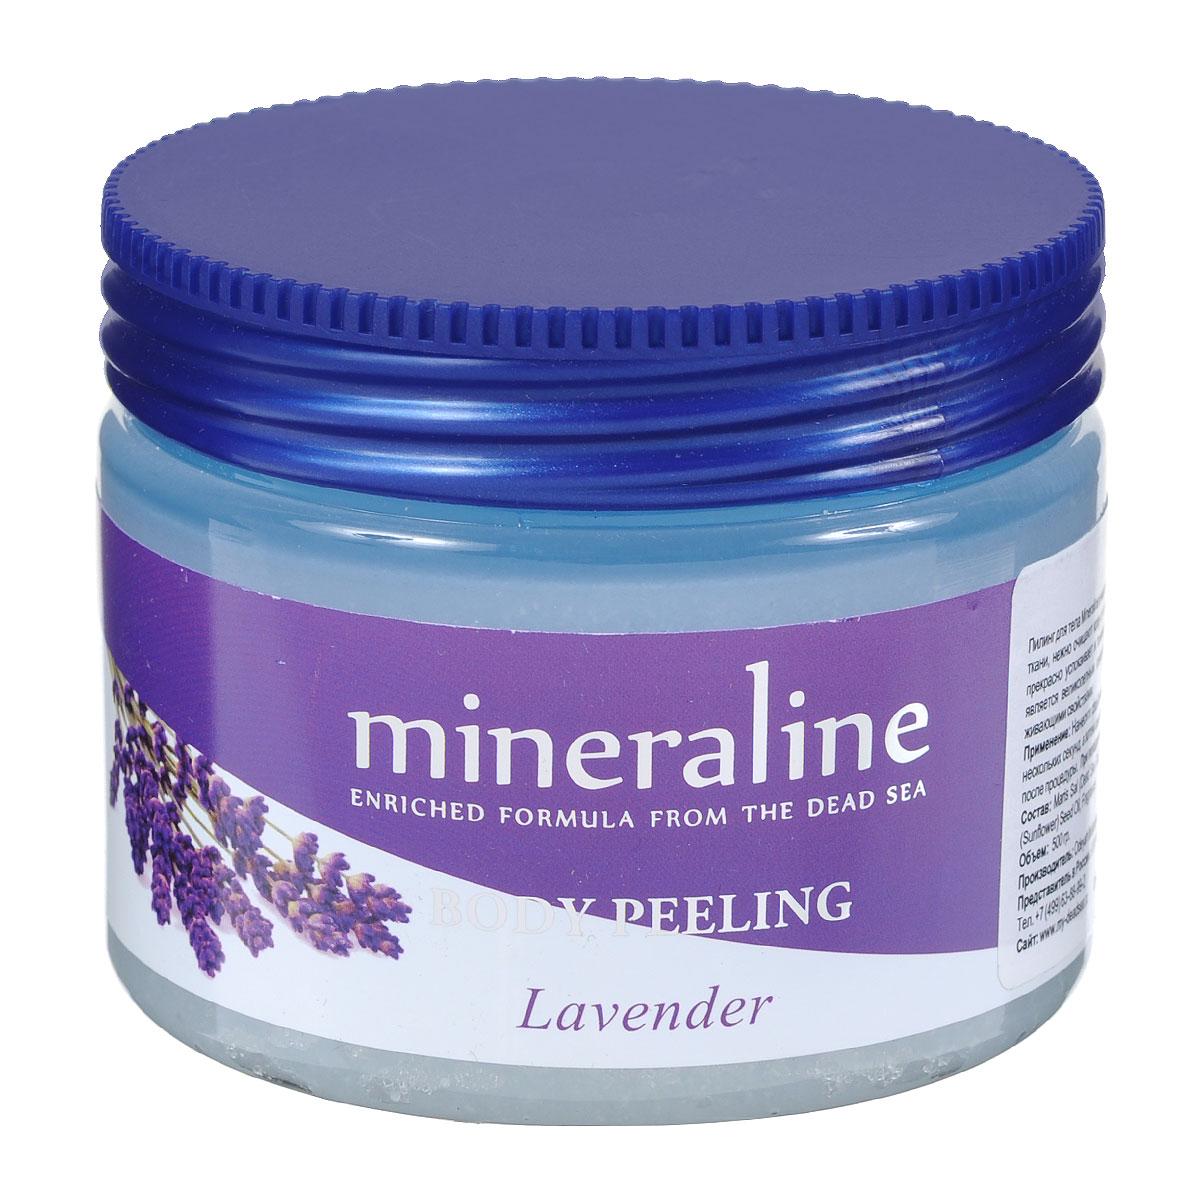 Mineraline Пилинг для тела Лаванда, 500 гFS-00897Пилинг для тела Mineraline очищает и полирует кожу, делая ее мягкой и бархатистой. Активные вещества стимулируют ткани, нежно очищают кожу от мертвых клеток, насыщая ее полезными микроэлементами и витаминами. Лаванда прекрасно успокаивает и тонизирует, улучшает микроциркуляцию крови и нормализует кровообращение, а также является великолепным природным антисептиком и обладает выраженными противомикробными и обеззараживающими свойствами. Товар сертифицирован.